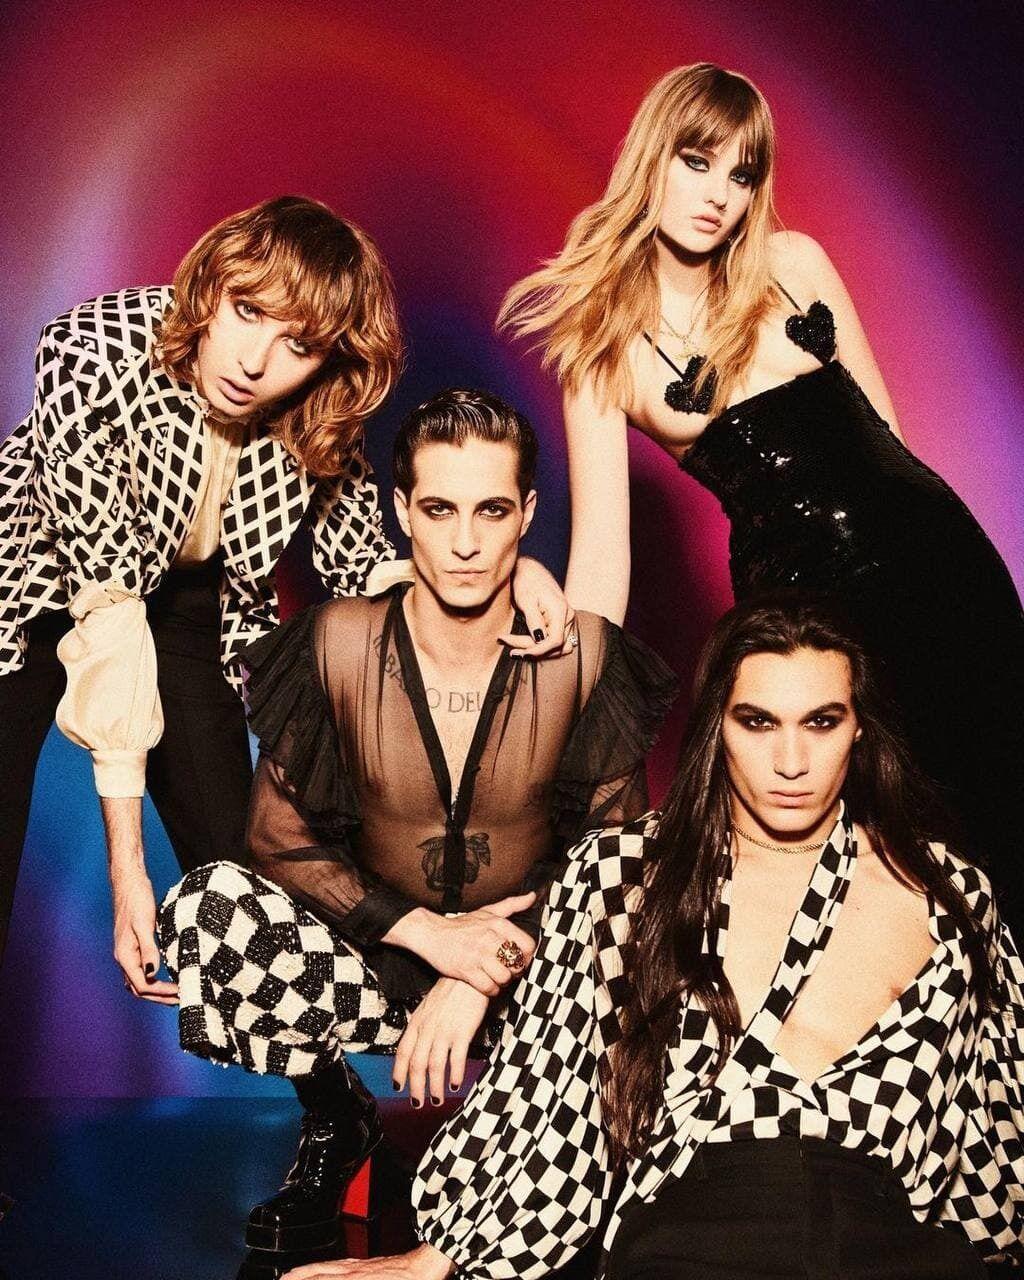 Победители Евровидения 2021 рок-группа Maneskin украсили обложку глянцевого журнала